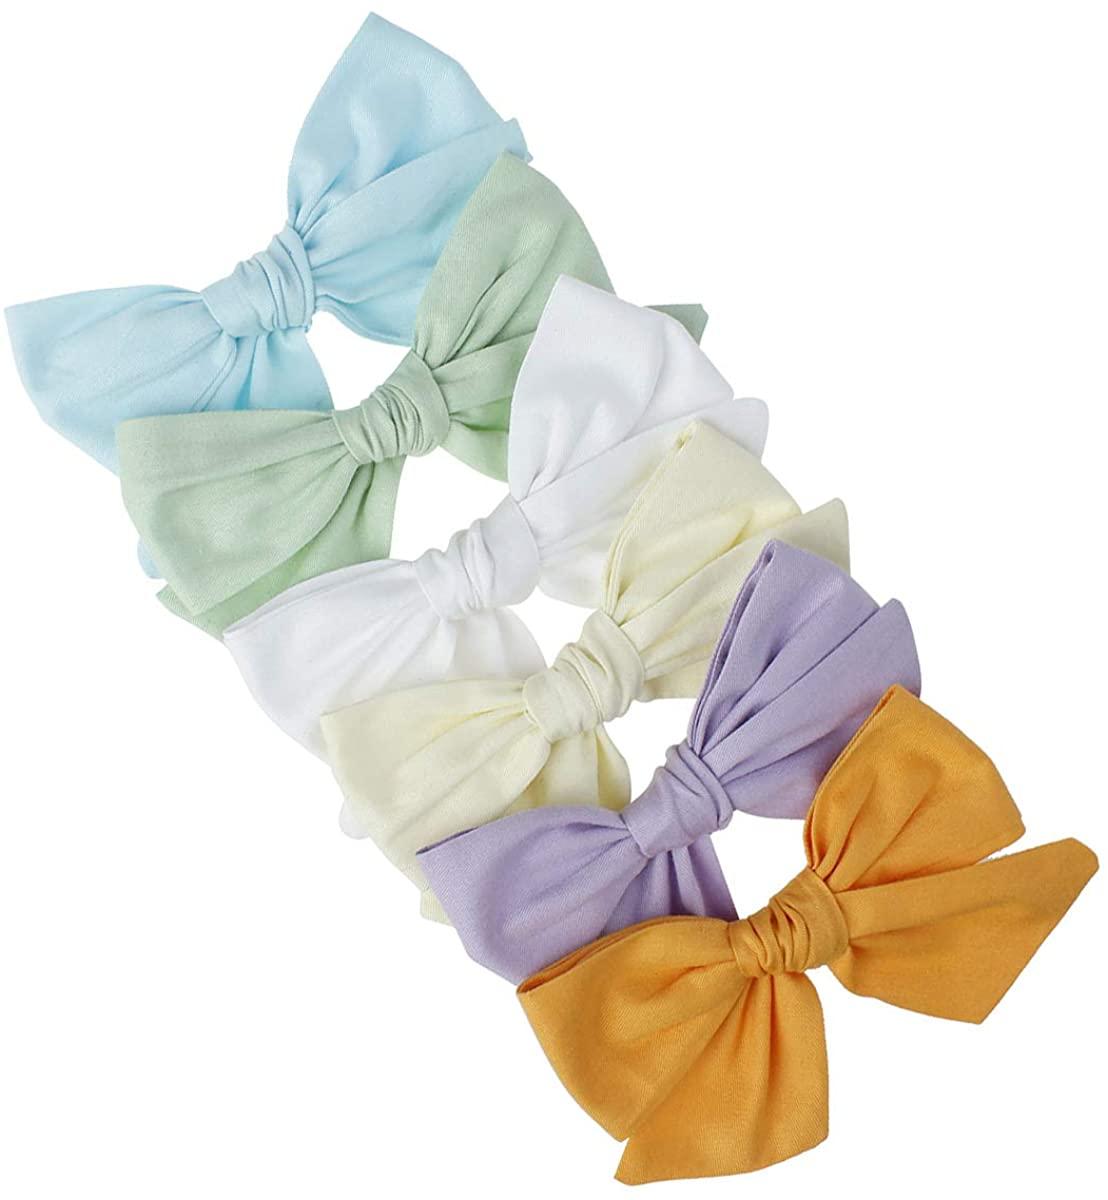 ROSEBEAR Hair Clip Baby Hair Bows Hair Barrettes Toddlers Kids Girl Hair Accessories(6pcs)